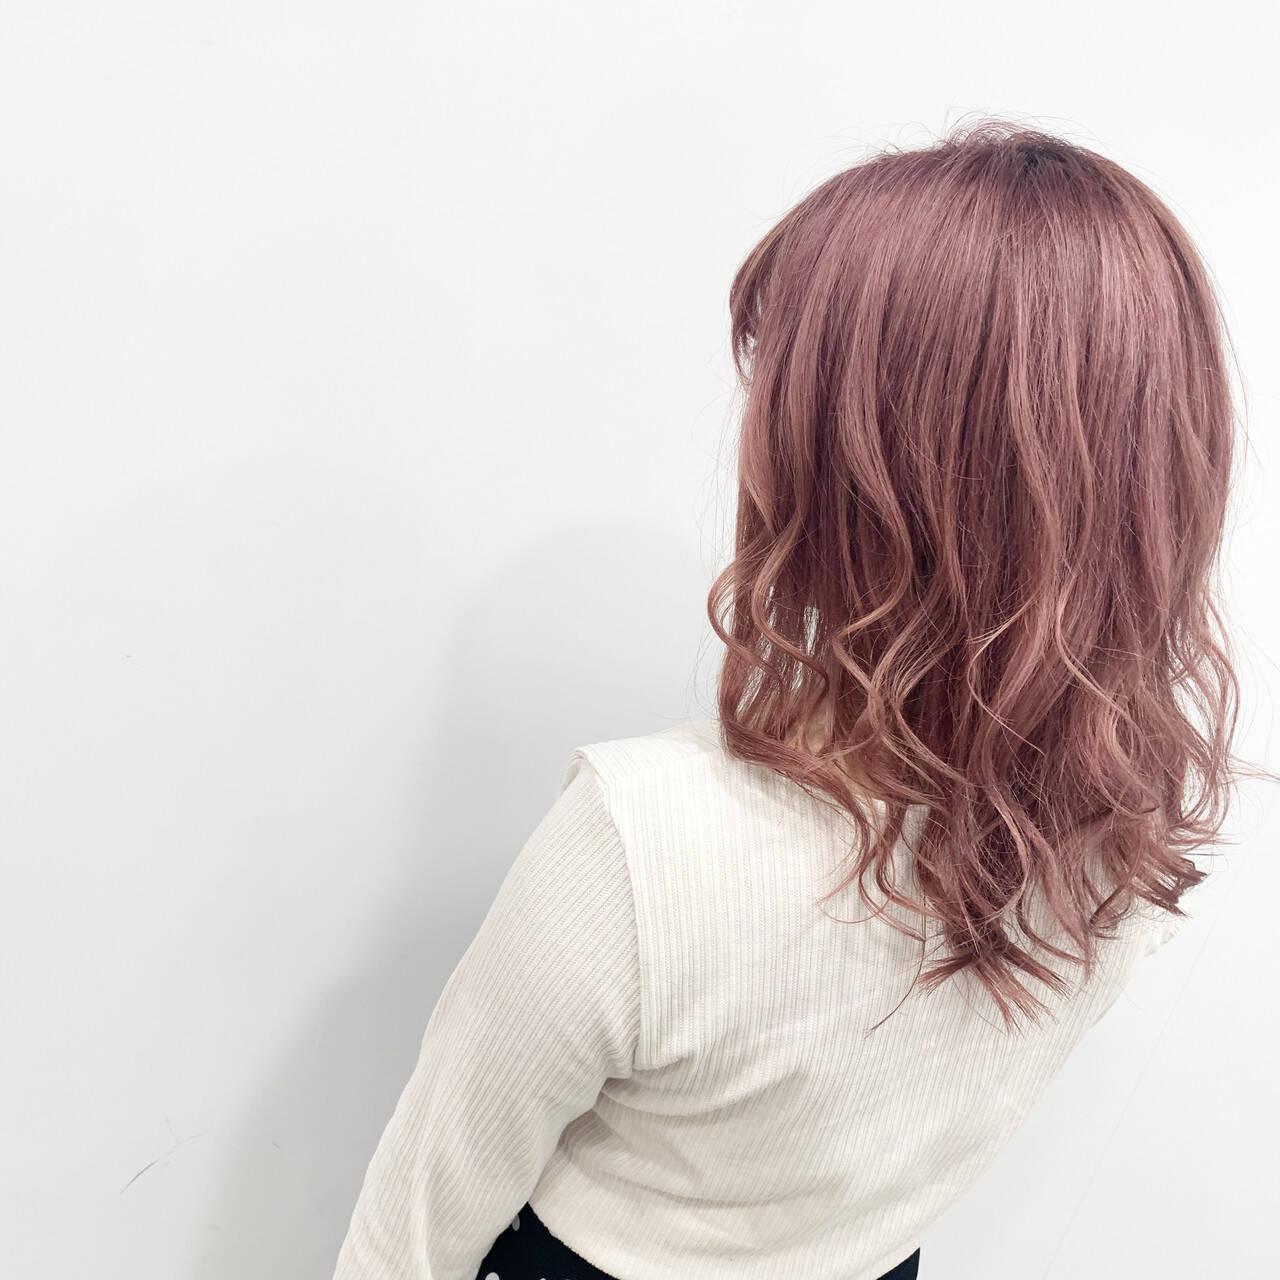 コテ巻き ブリーチ ハイトーン フェミニンヘアスタイルや髪型の写真・画像